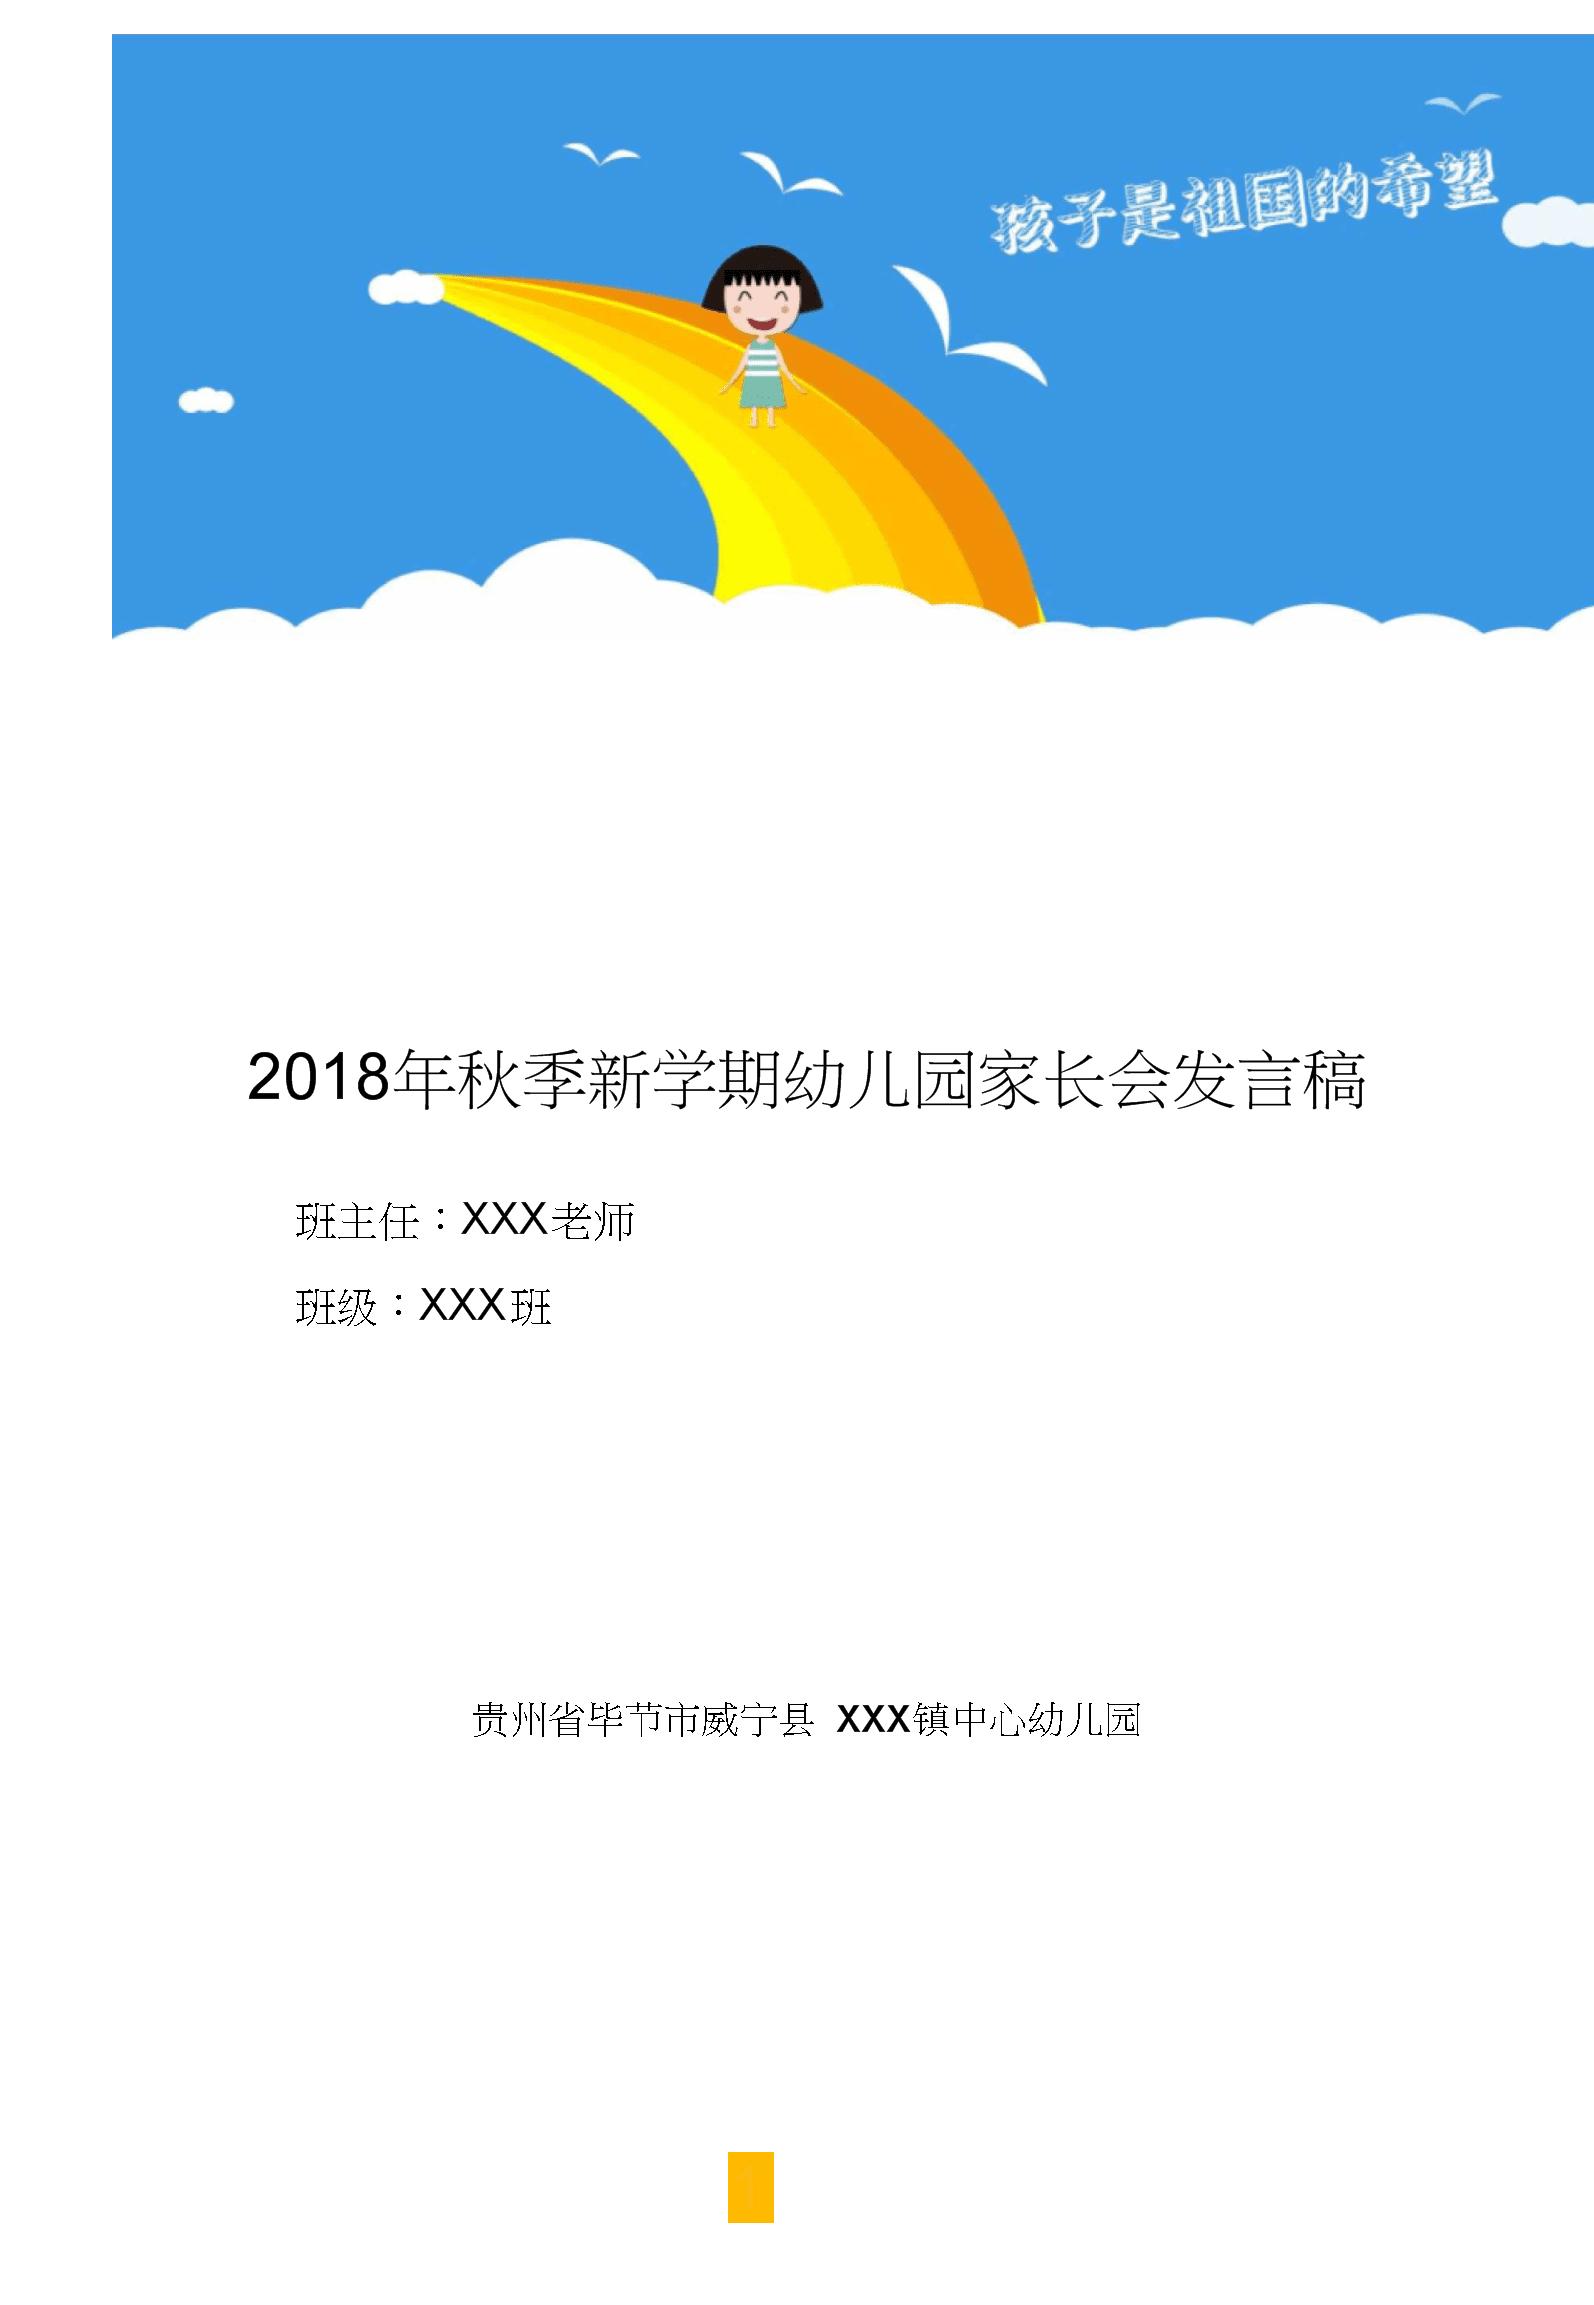 幼儿园家长会开会发言稿(精品).docx